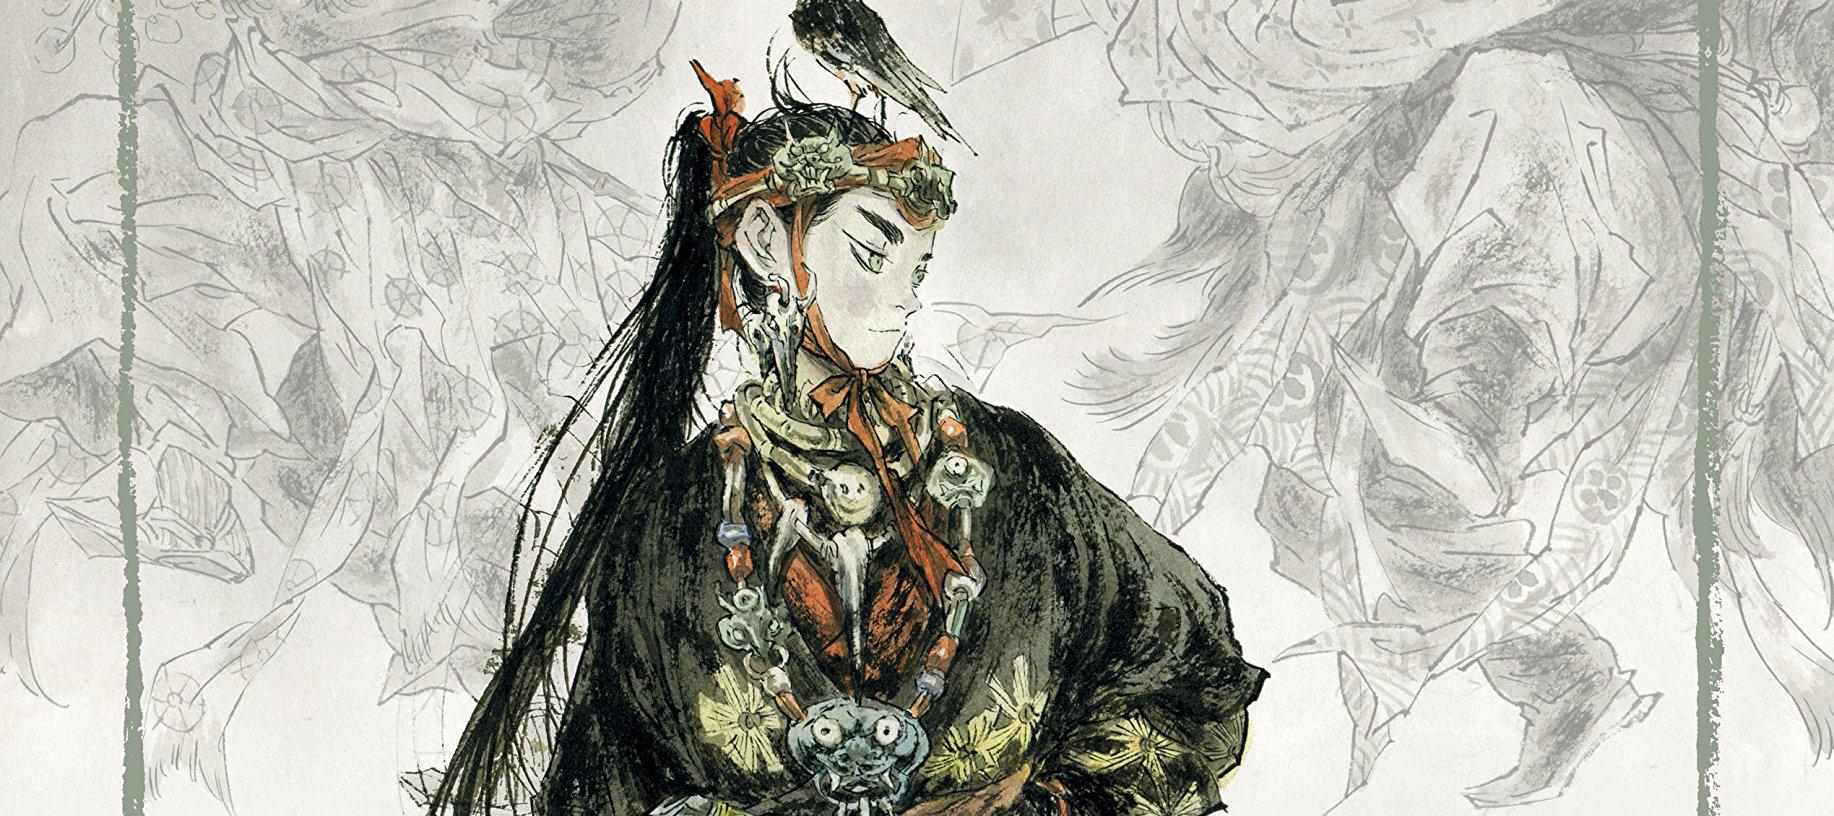 Il soffio del vento tra i pini: l'incantevole Opera di Zao Dao